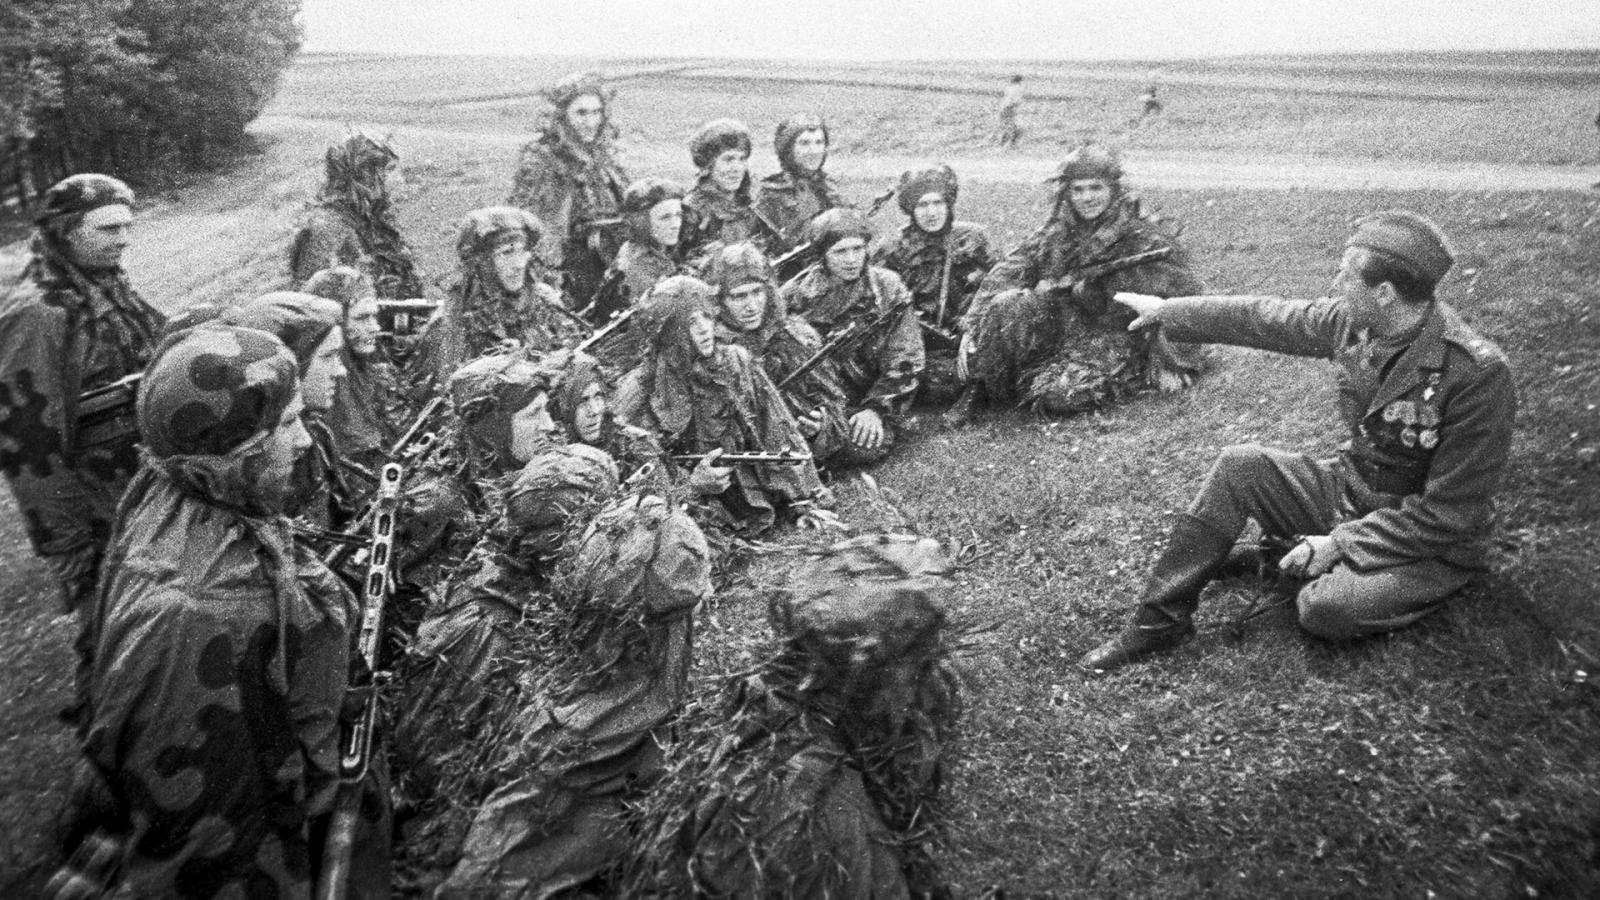 Quân Slovakia chiến đấu cho phát xít Đức rồi lại chiến đấu cho Liên Xô ra sao?